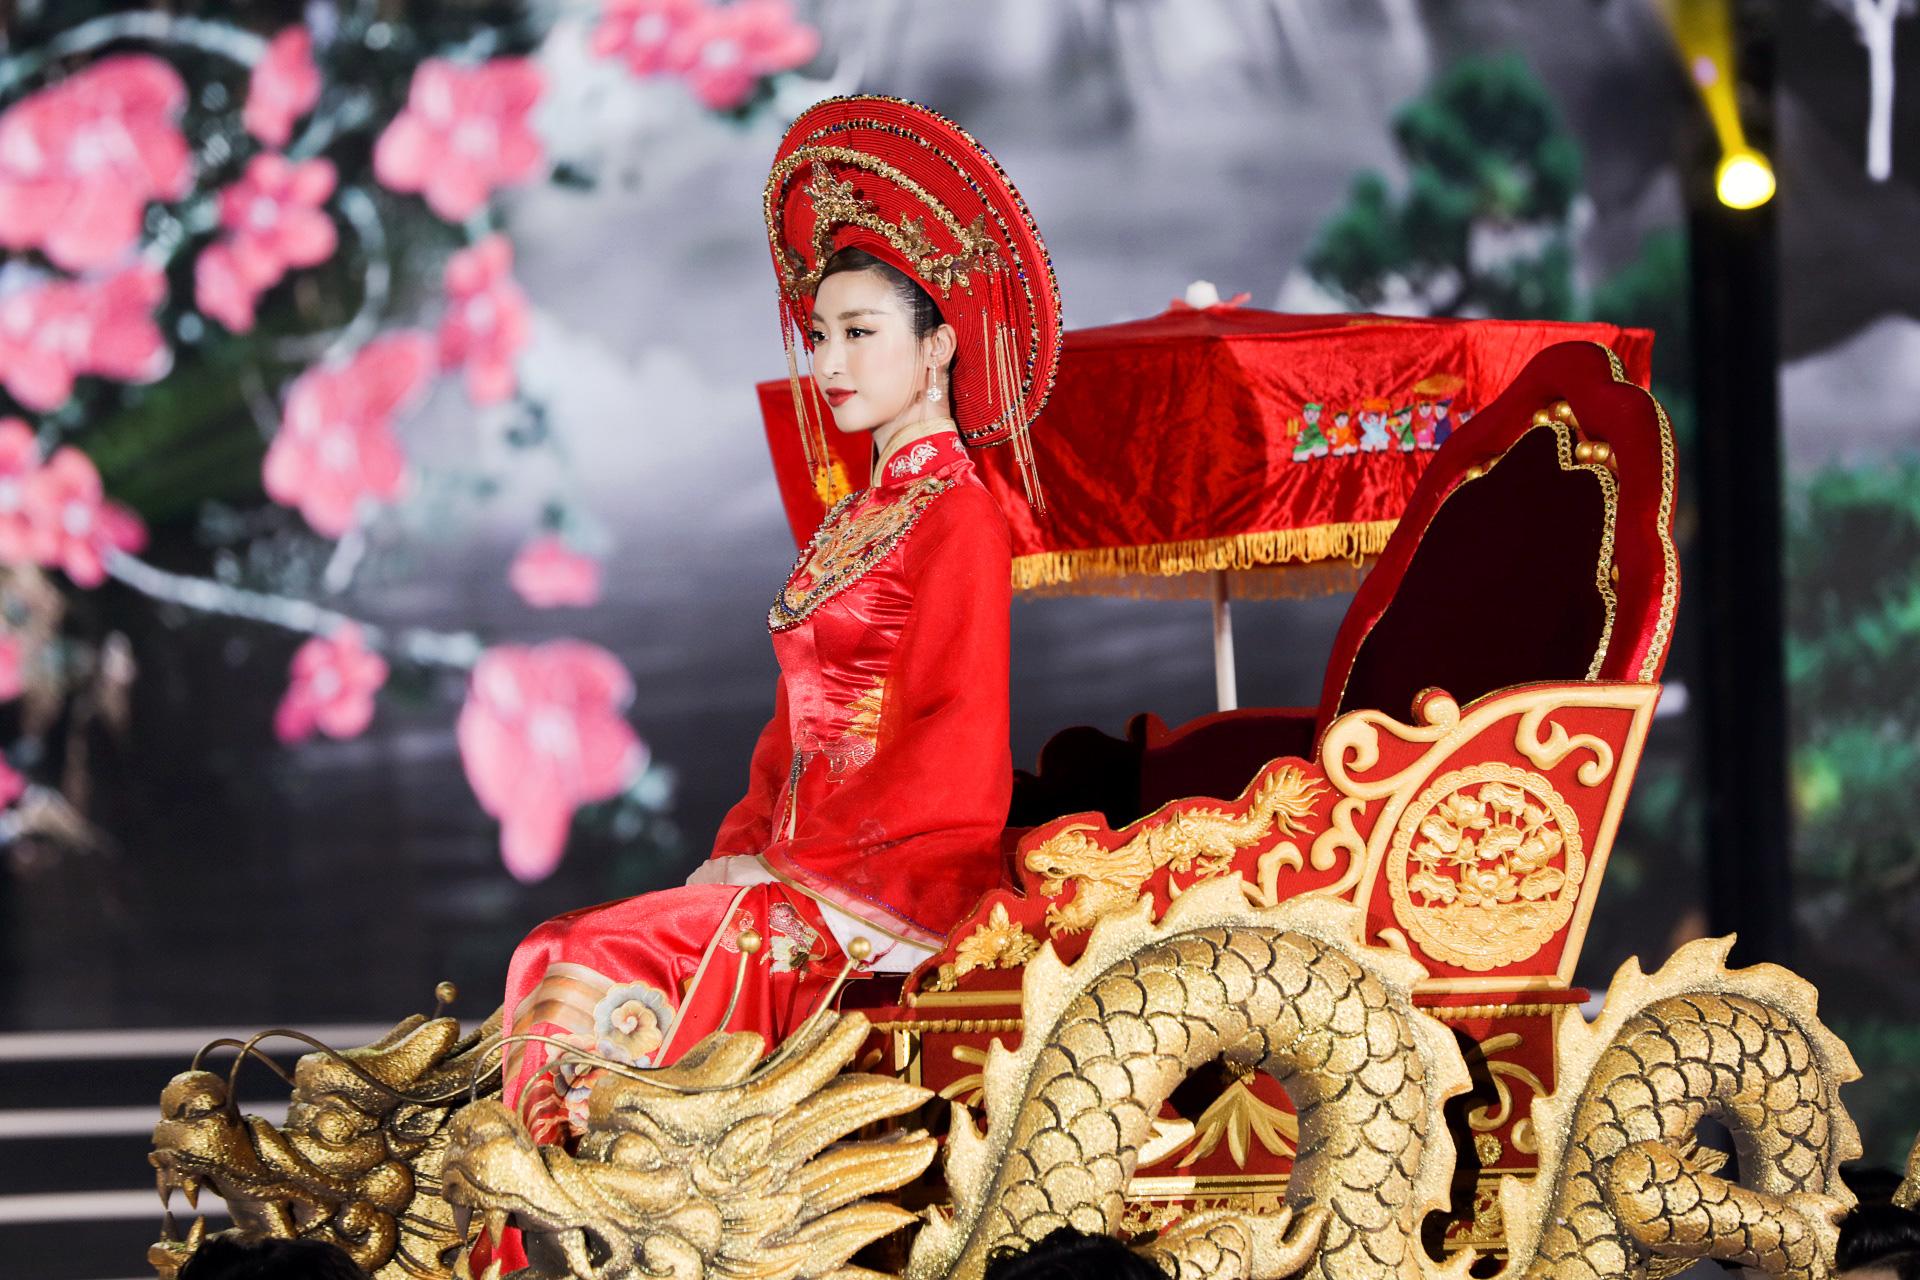 5 Hoa hậu mặc áo dài đọ sắc Chung kết Hoa hậu Việt Nam: Đặng Thu Thảo đẹp tựa nữ thần,  - Ảnh 2.